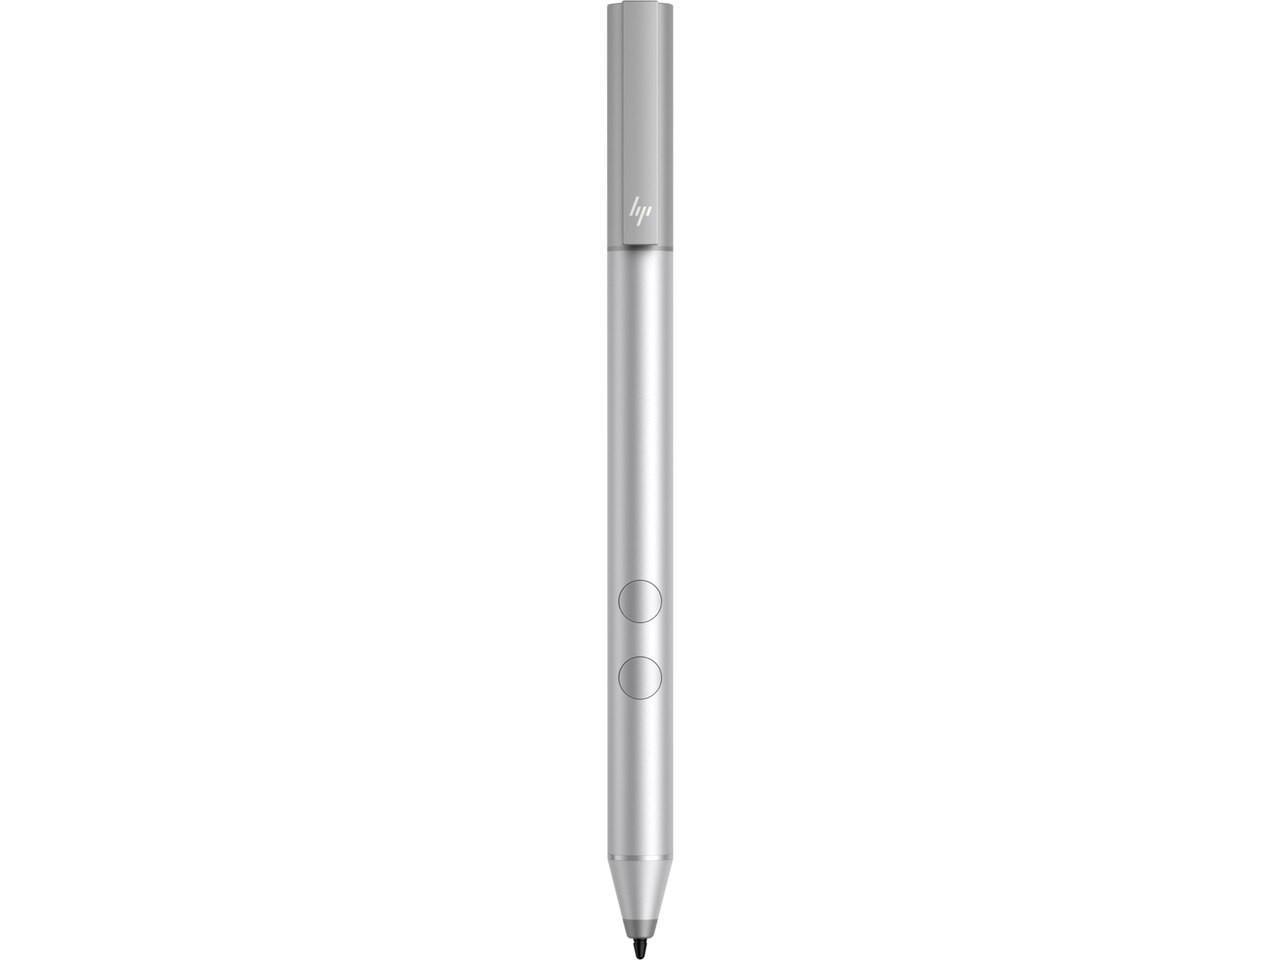 HP 1MR94AA Silver stylus tablet pen